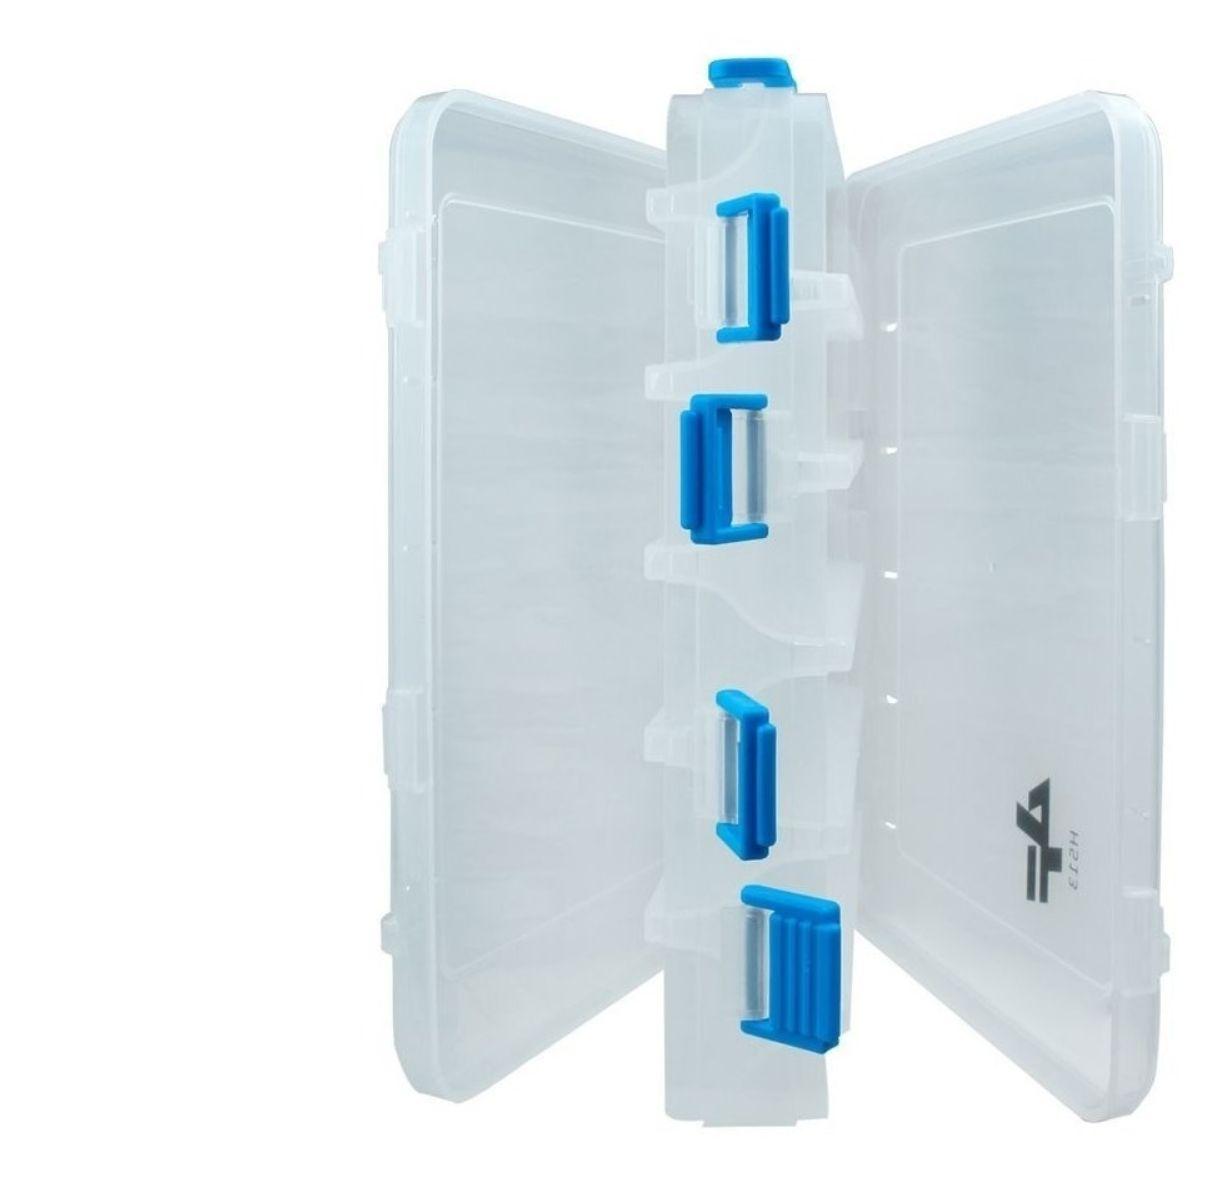 Estojo Plástico Organizador Albatroz Fishing Transparente H513